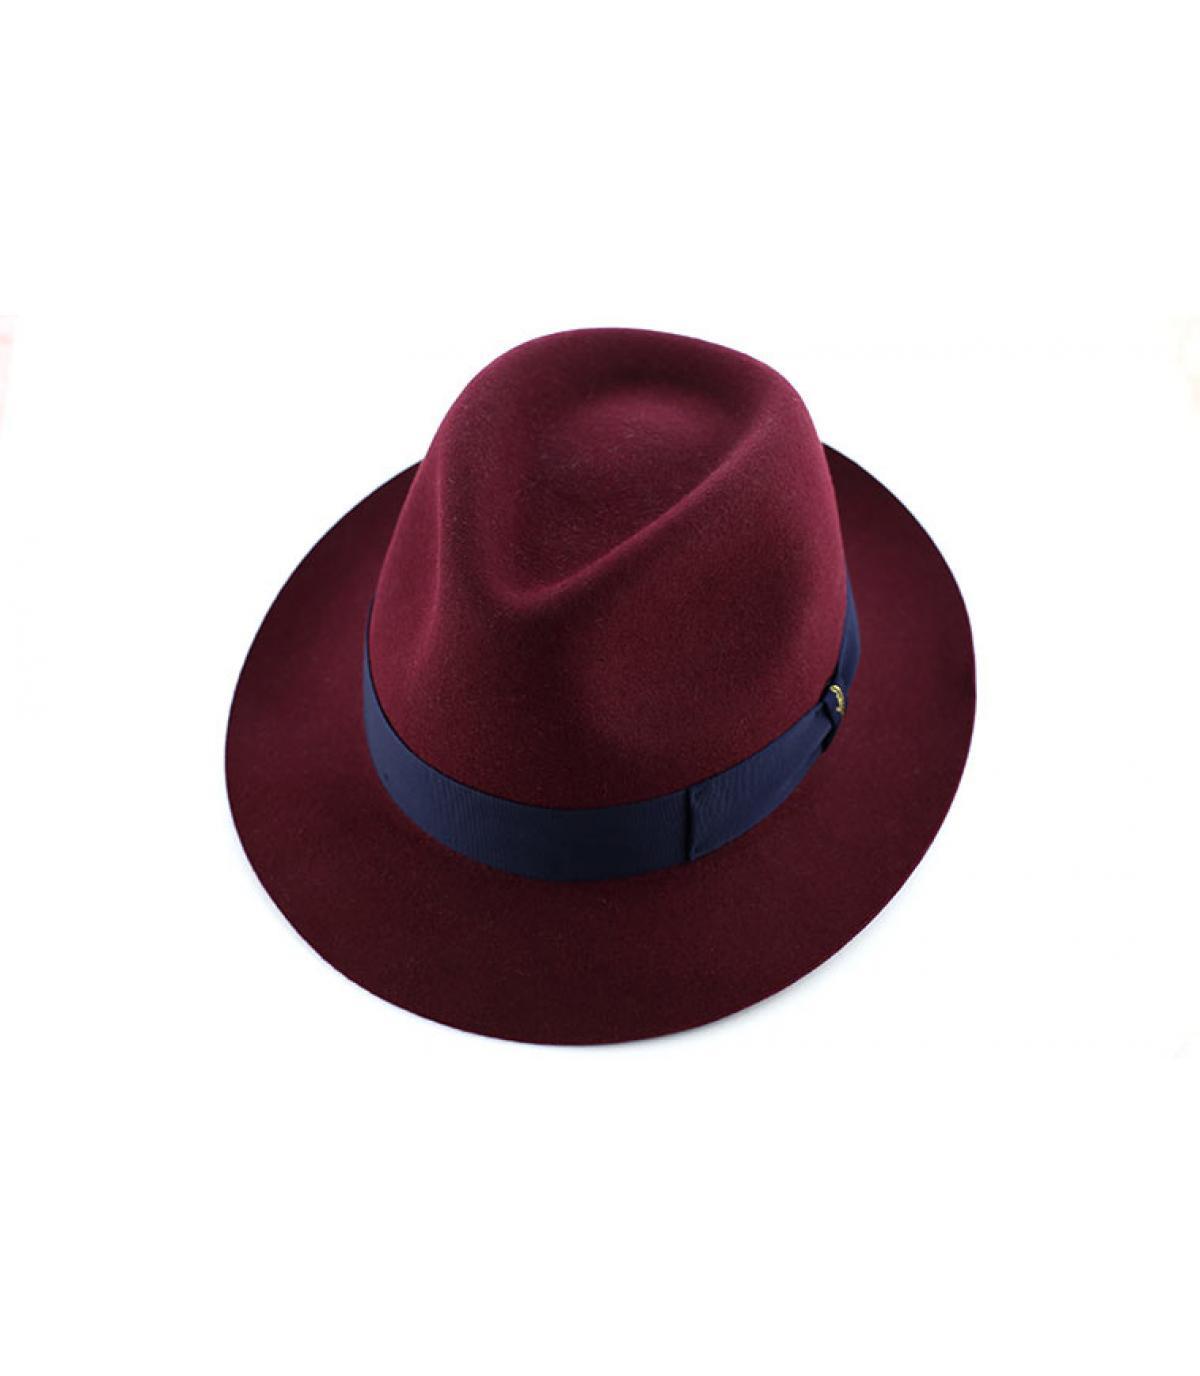 Details Burgundy fur felt hat - afbeeling 3